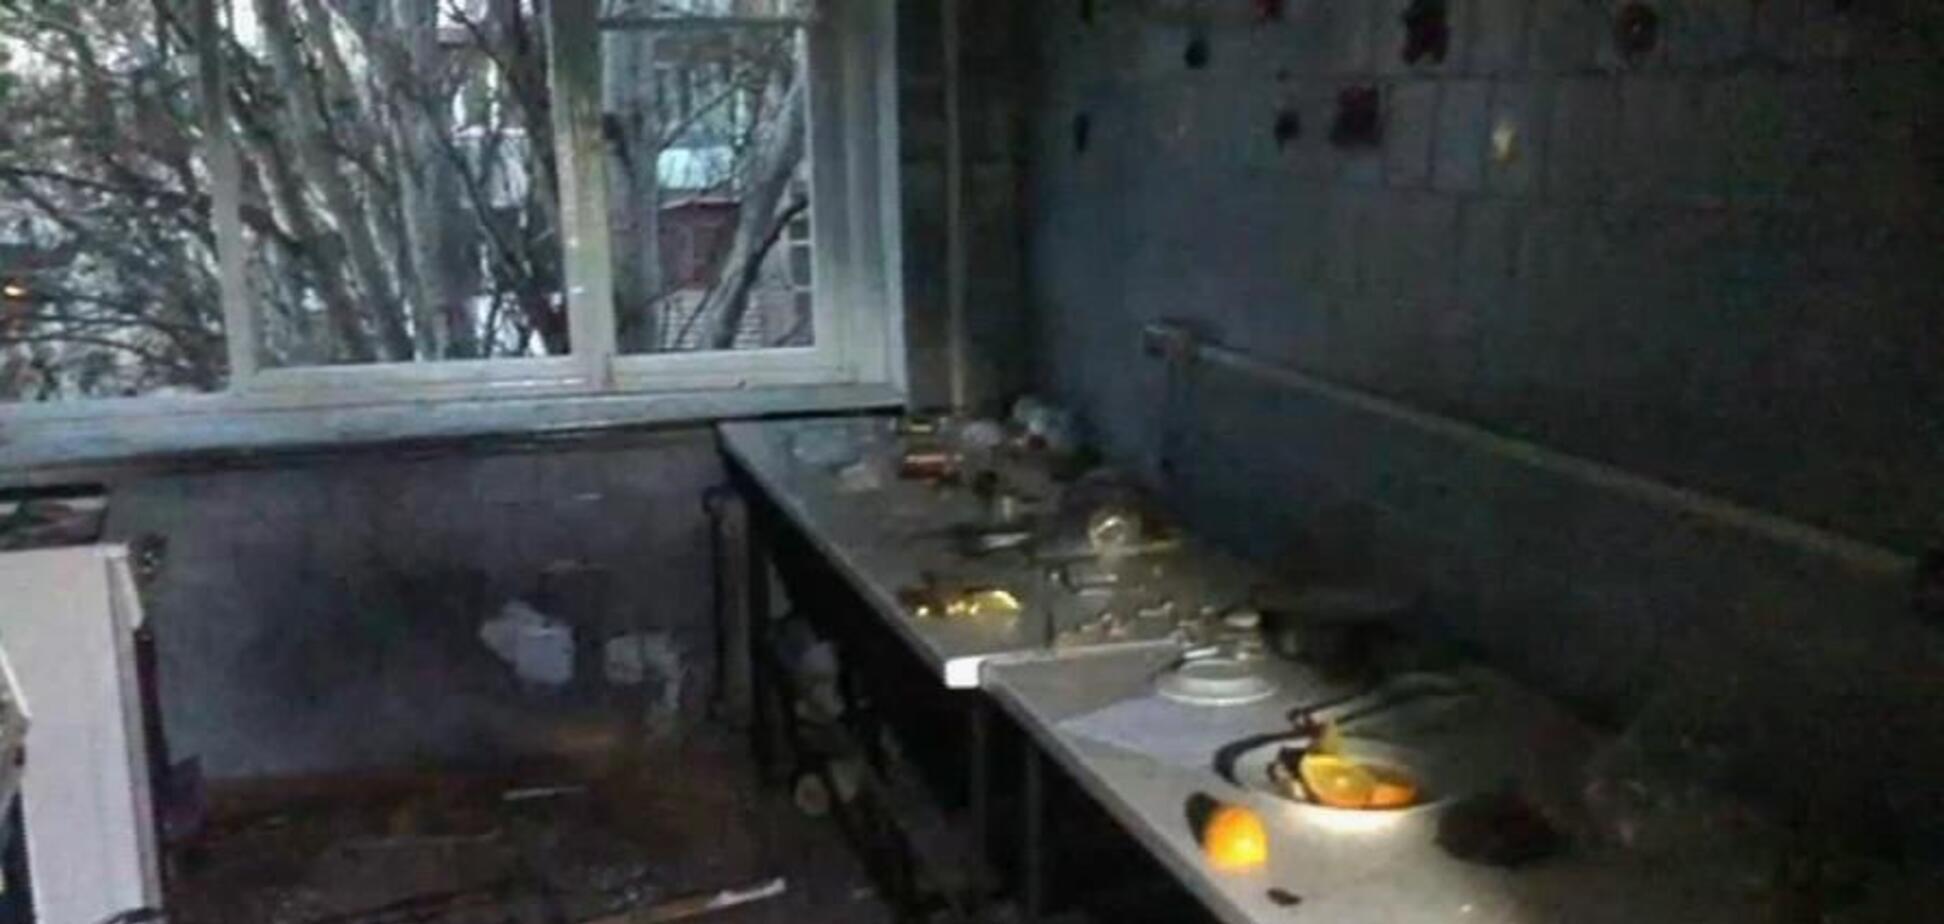 'Угрожал всех взорвать': очевидцы рассказали детали ЧП в общежитии Одессы